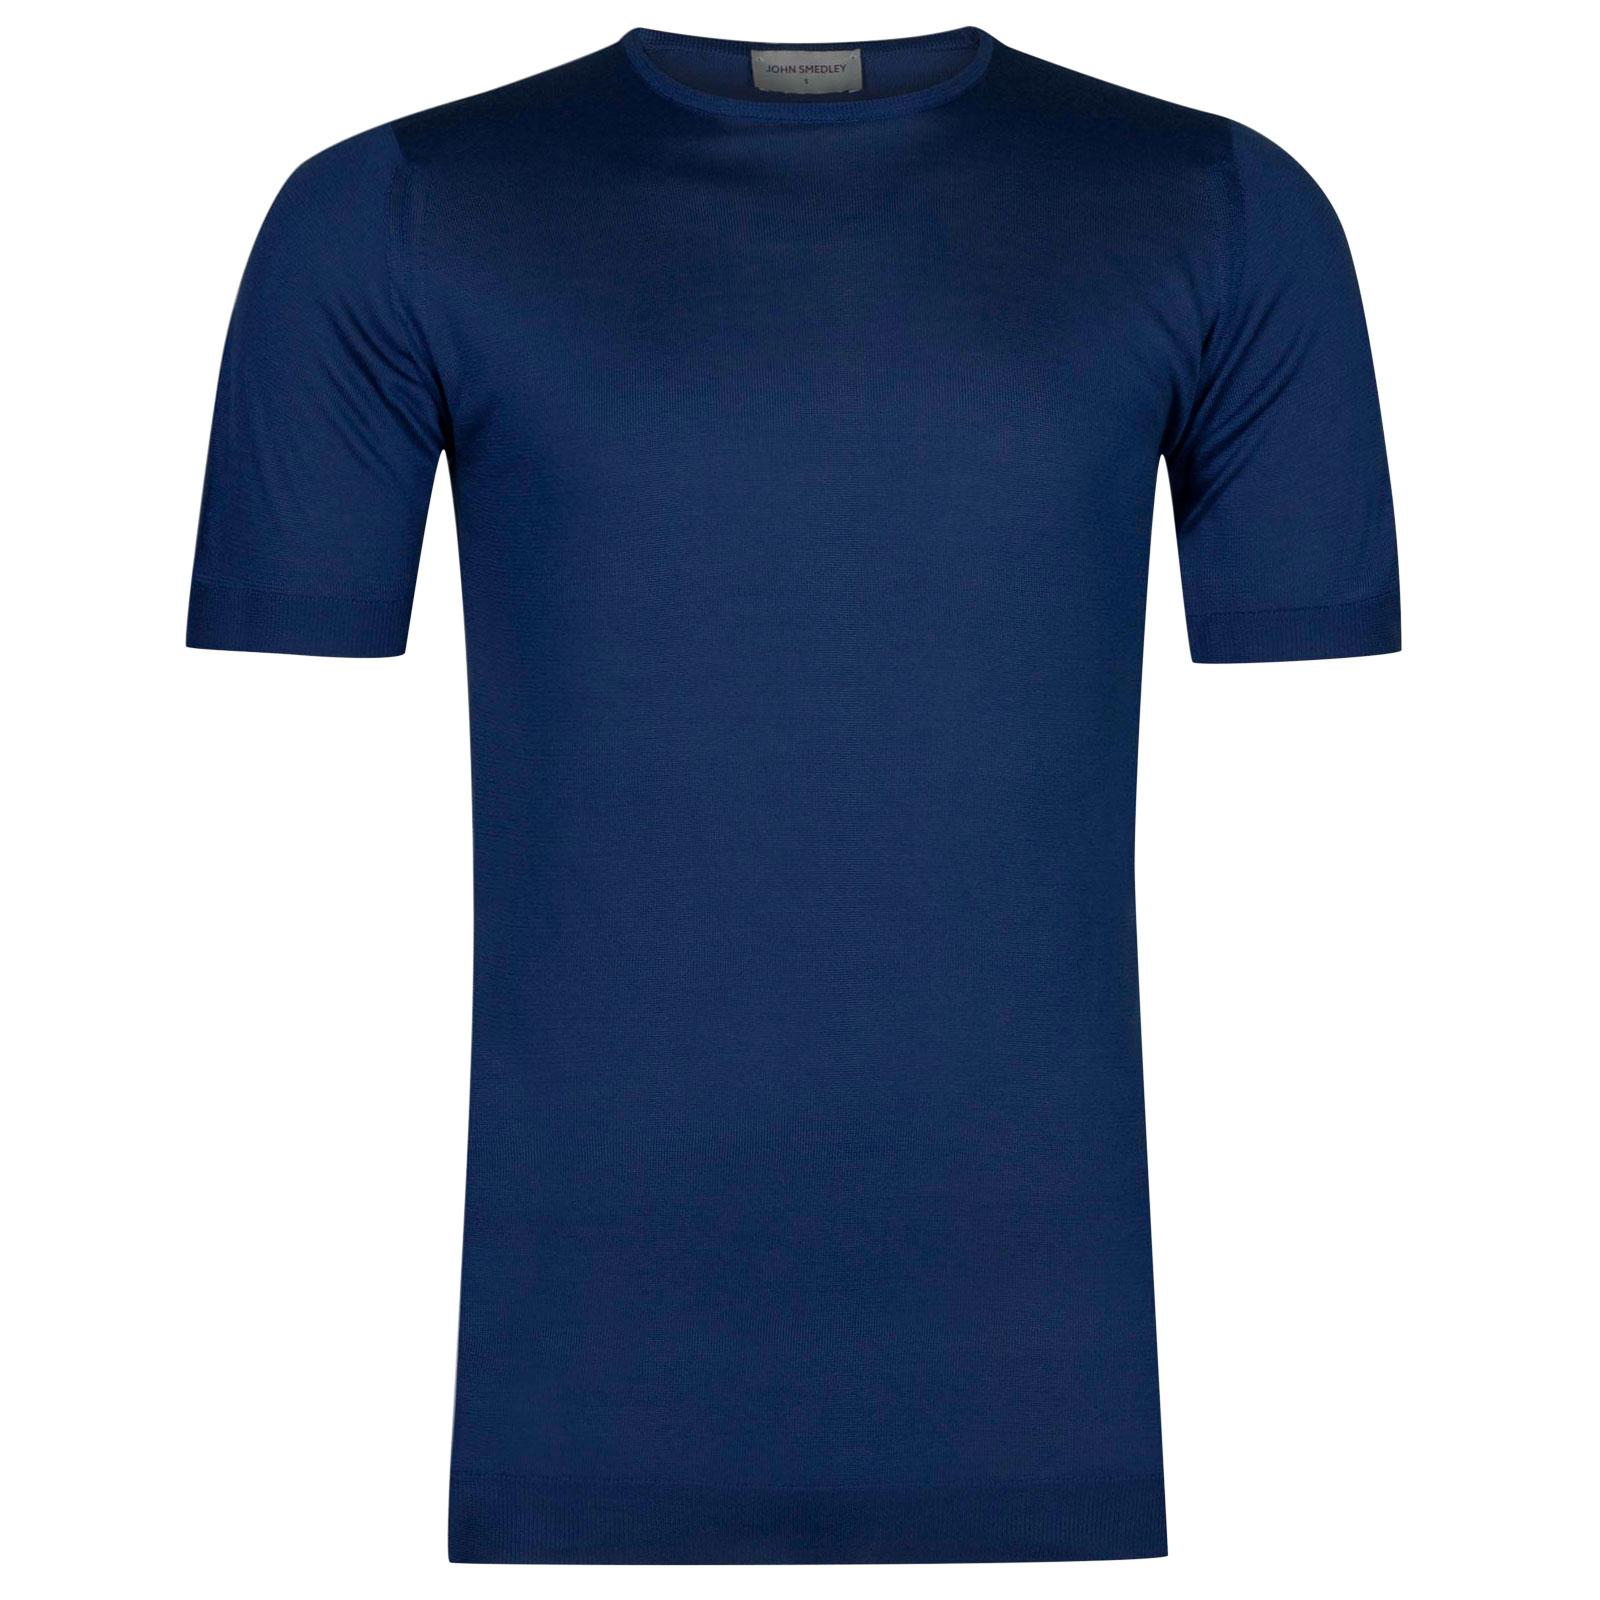 stowe-stevens-blue-Xl